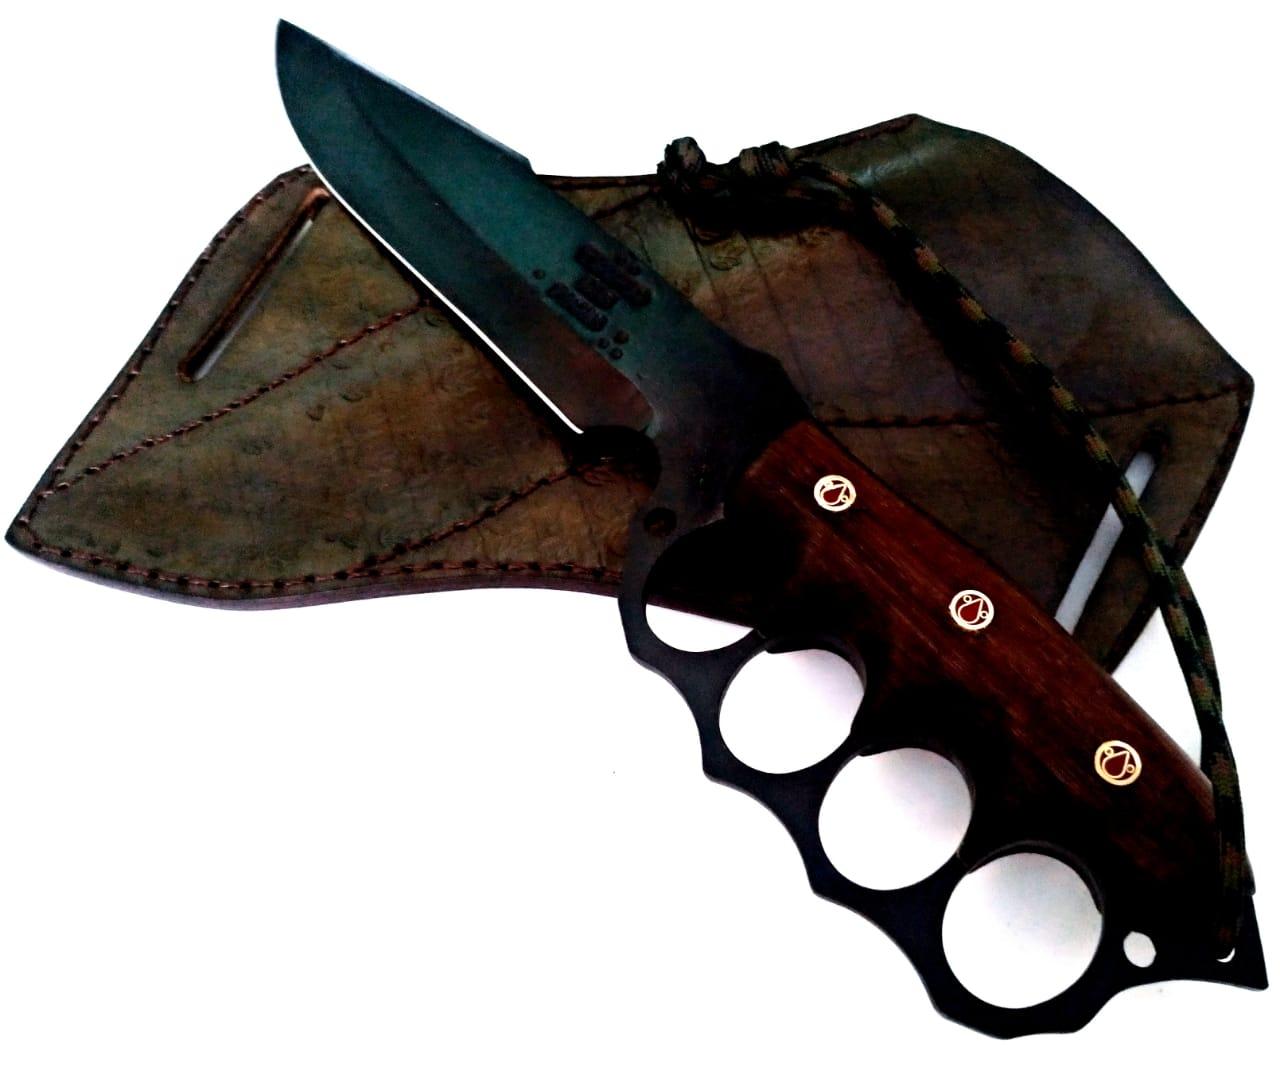 Faca artesanal de combate black knockout 7 polegadas